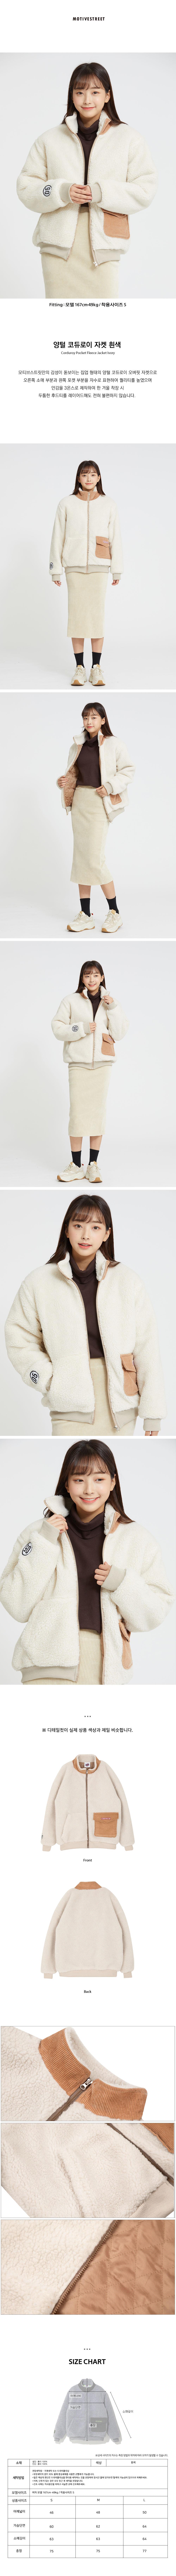 모티브스트릿(MOTIVESTREET) 양털 코듀로이 자켓 흰색